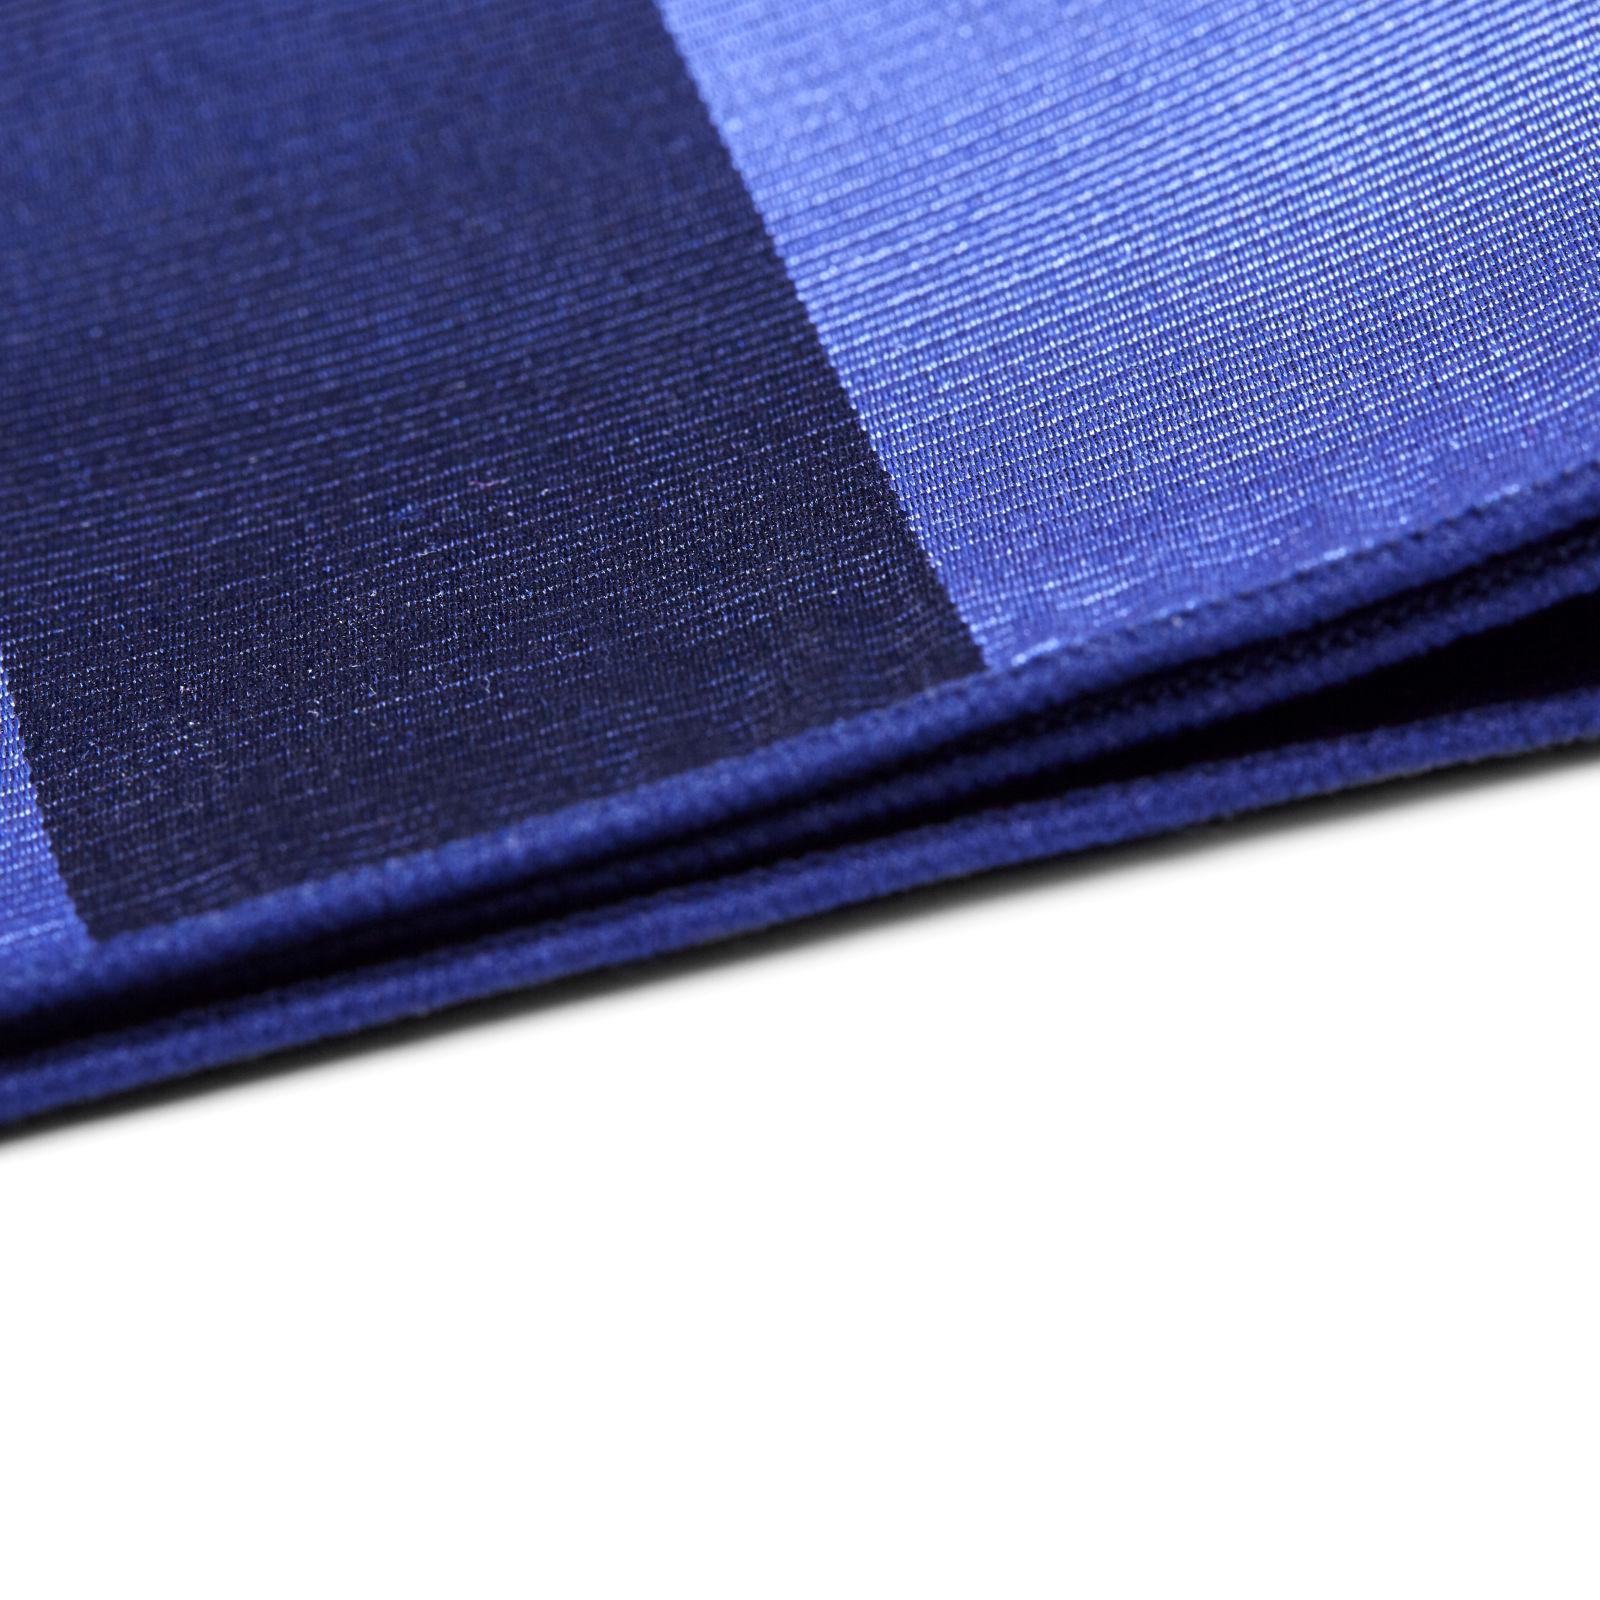 fd9bac6917be Τετράγωνο Μαντήλι Τσέπης Μεταξωτό Ριγέ Pastel Blue   Navy